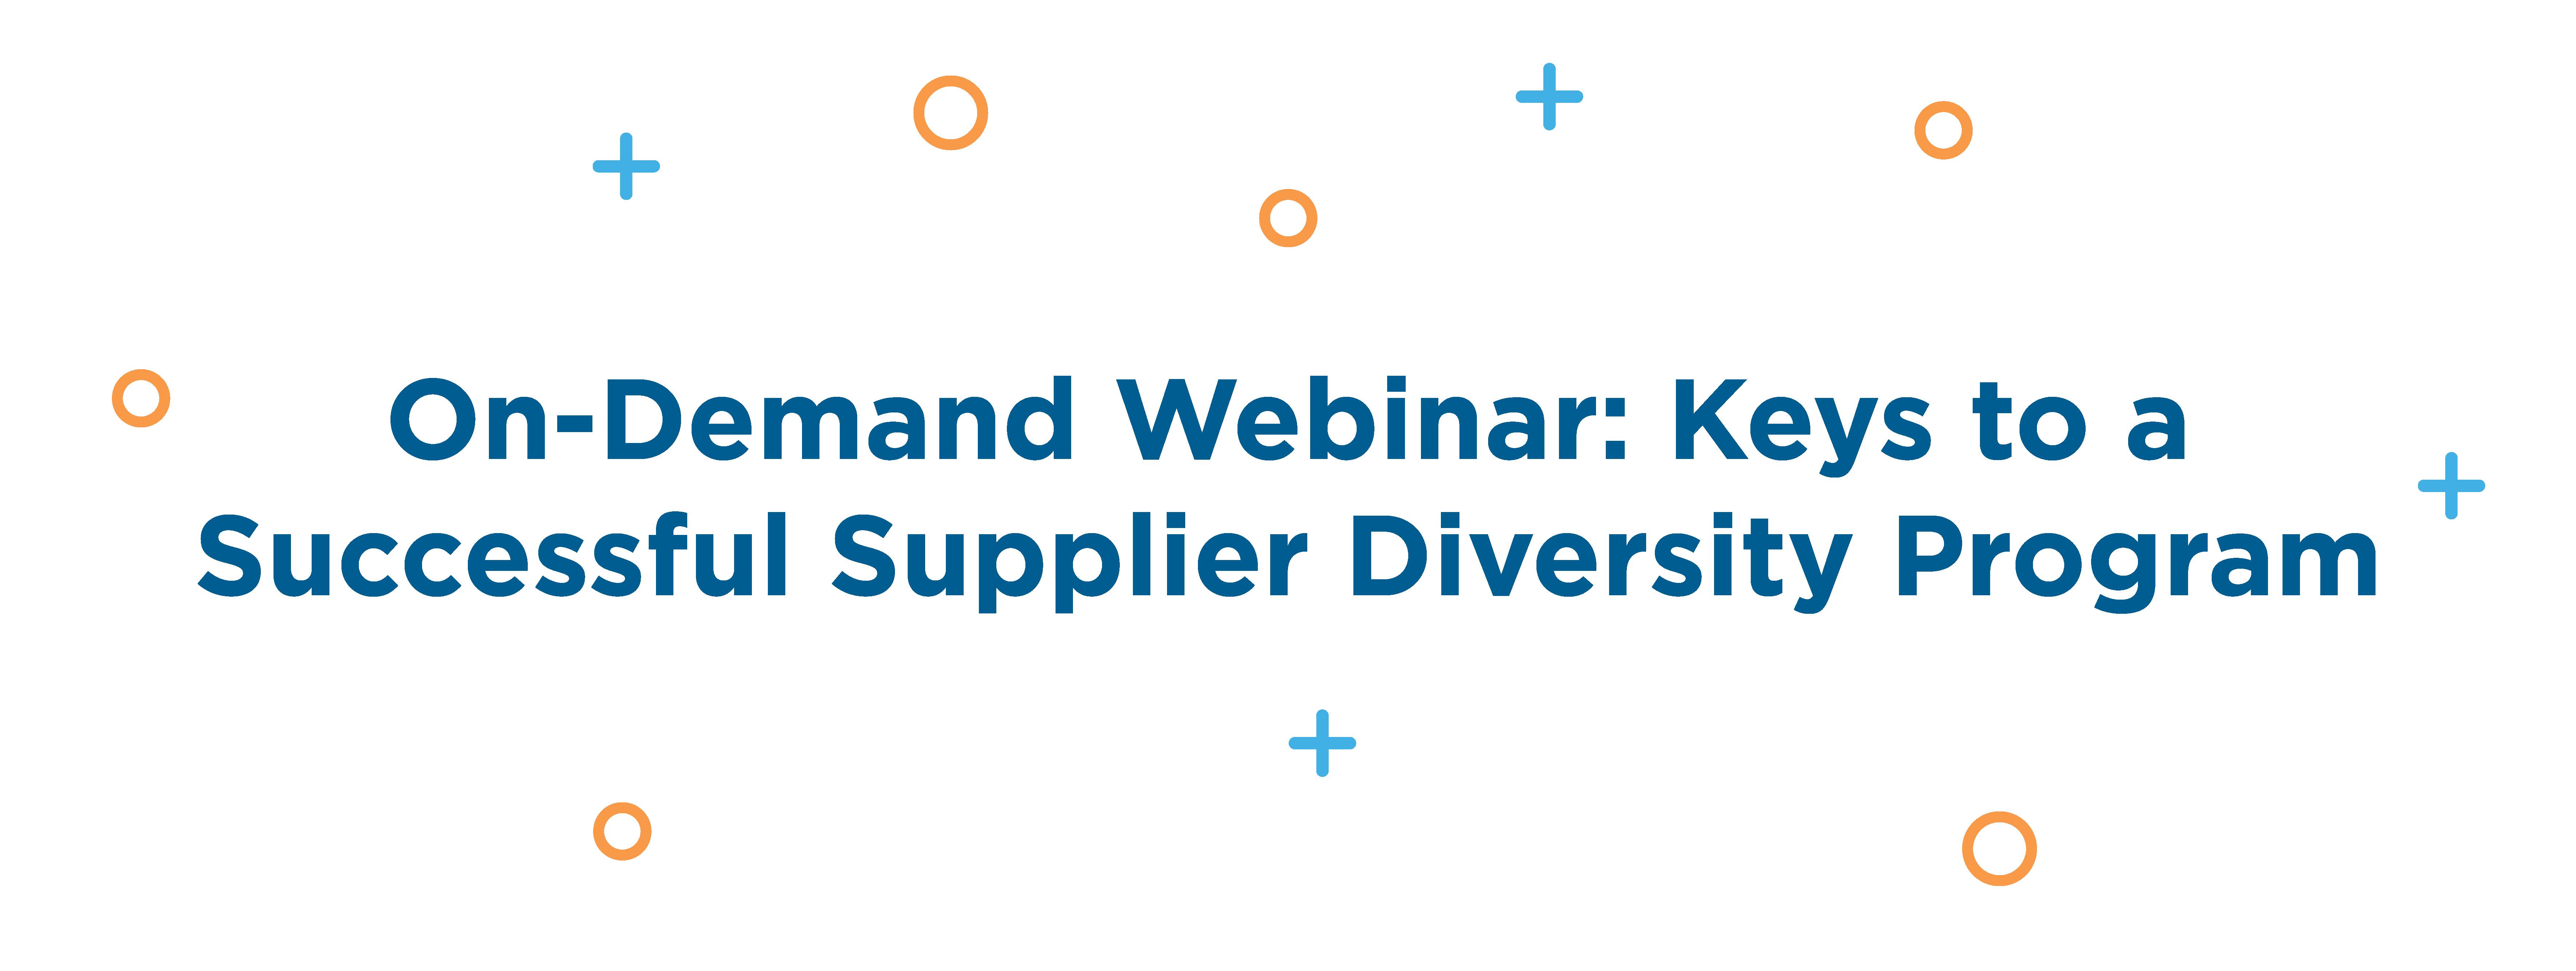 On-Demand-Supplier-Diversity-WebinarArtboard 1